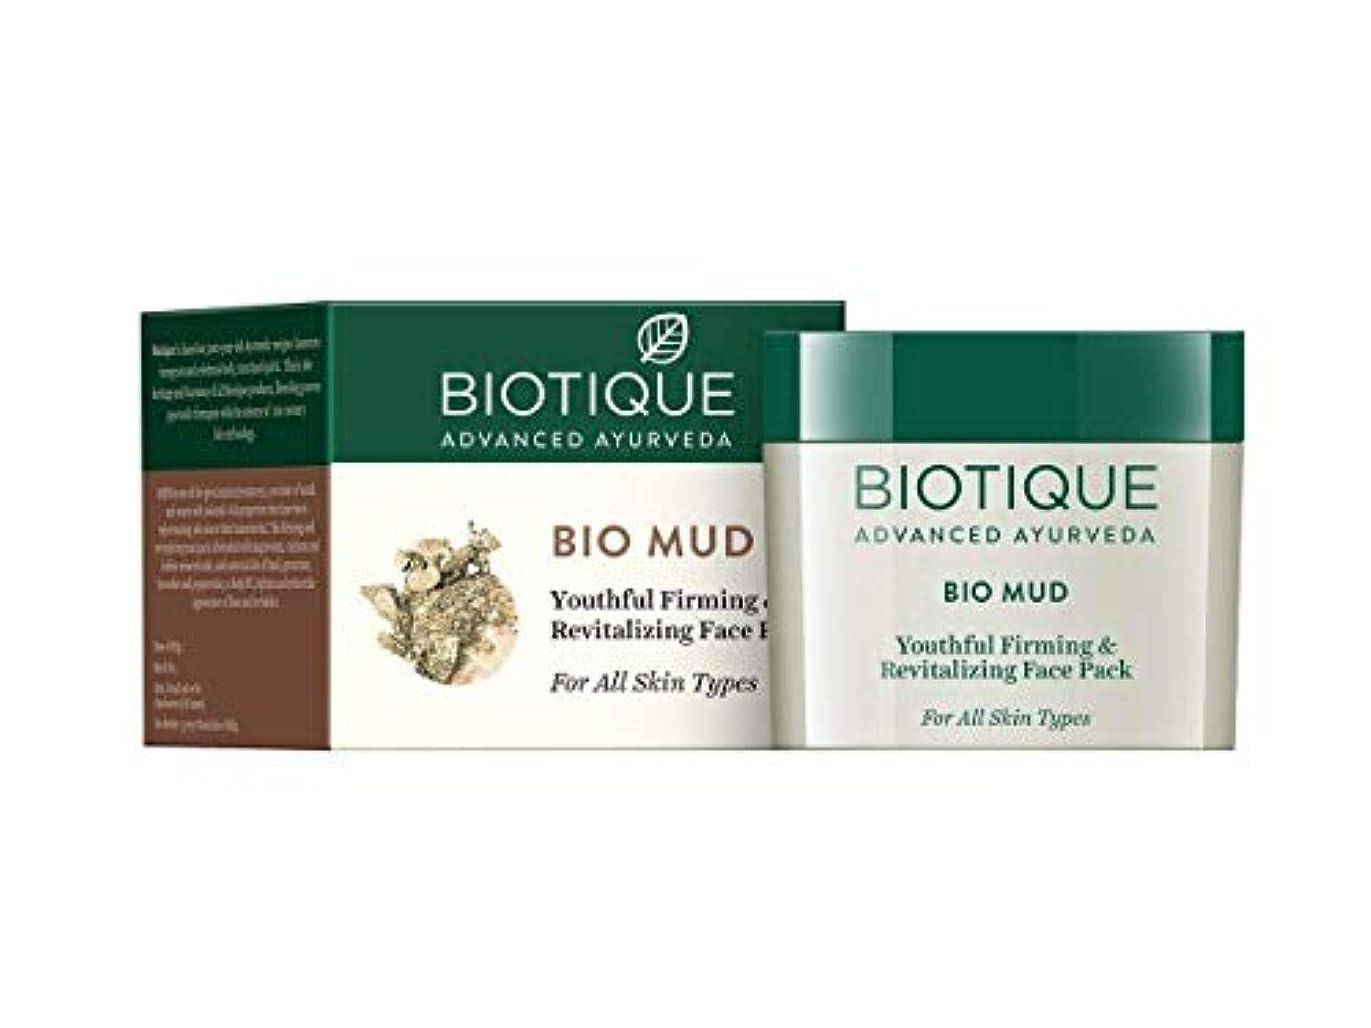 サービス湿った長いですBiotique Mud Youthful Firming & Revitalizing Face Pack For All Skin Types 75 gm すべての肌タイプのためのBiotique泥若々しい引き締めと活性化フェイスパック